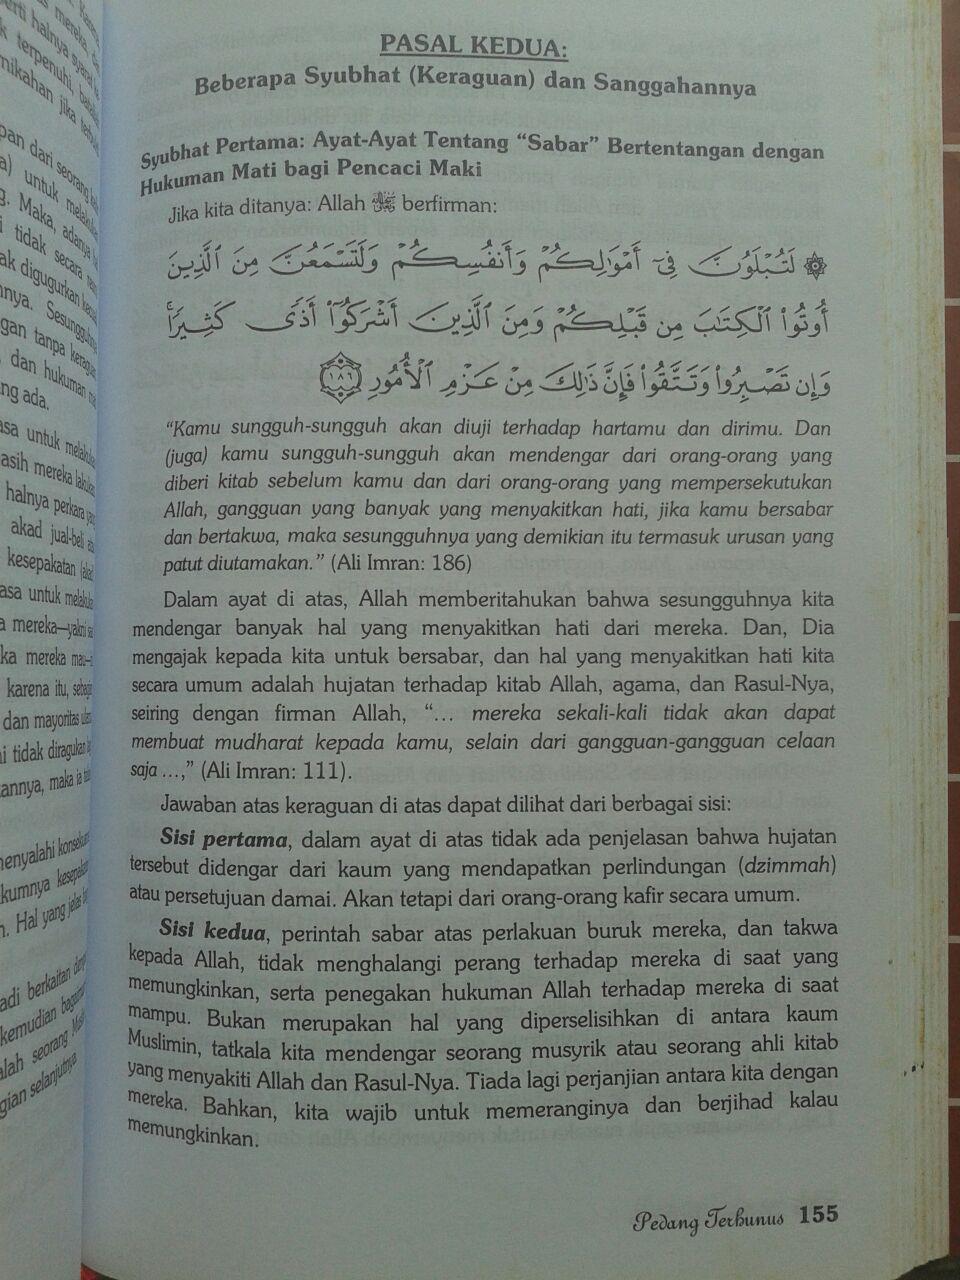 Buku Pedang Terhunus Hukuman Mati Bagi Pencaci Maki Nabi 85.000 20% 68.000 Griya Ilmu Syaikhul Islam Ibnu Taimiyyah isi 4